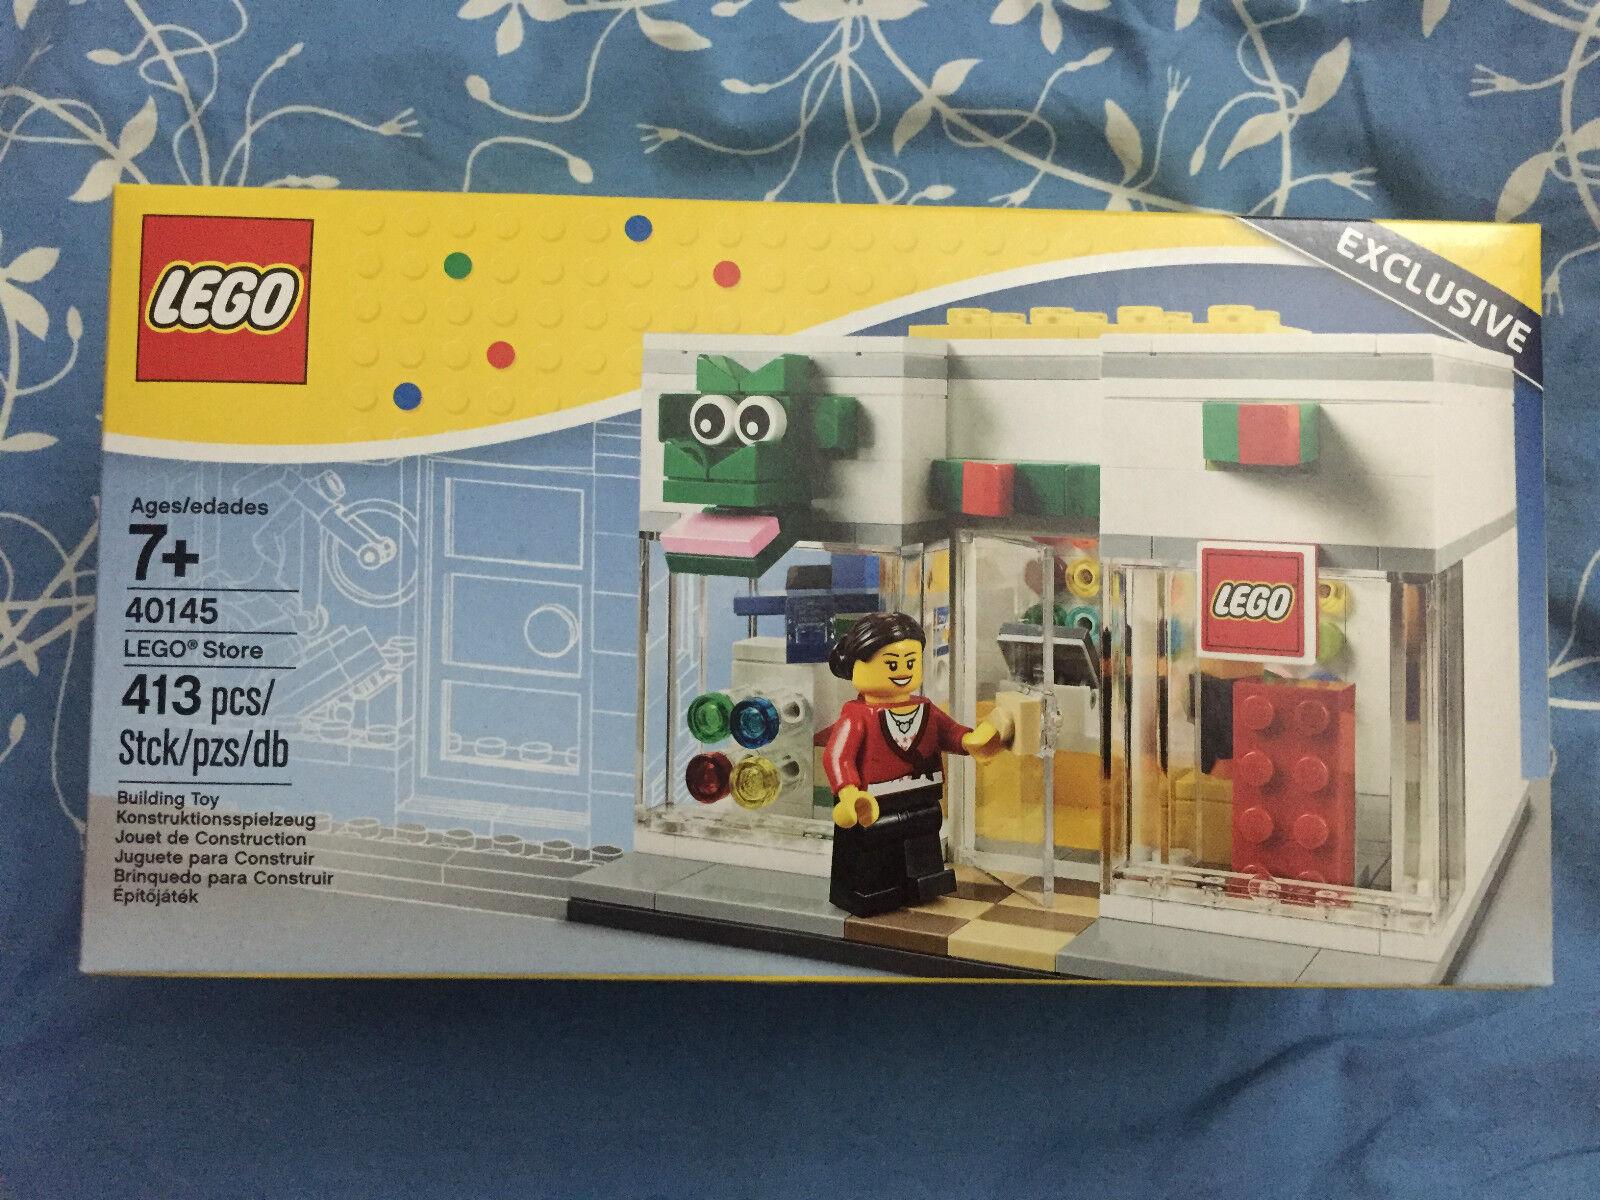 Noël est plein de joie LEGO 40145 Lego Store Exclusive Exclusive Exclusive Neuf Scellée Rare (item 6102479) 01f0e7